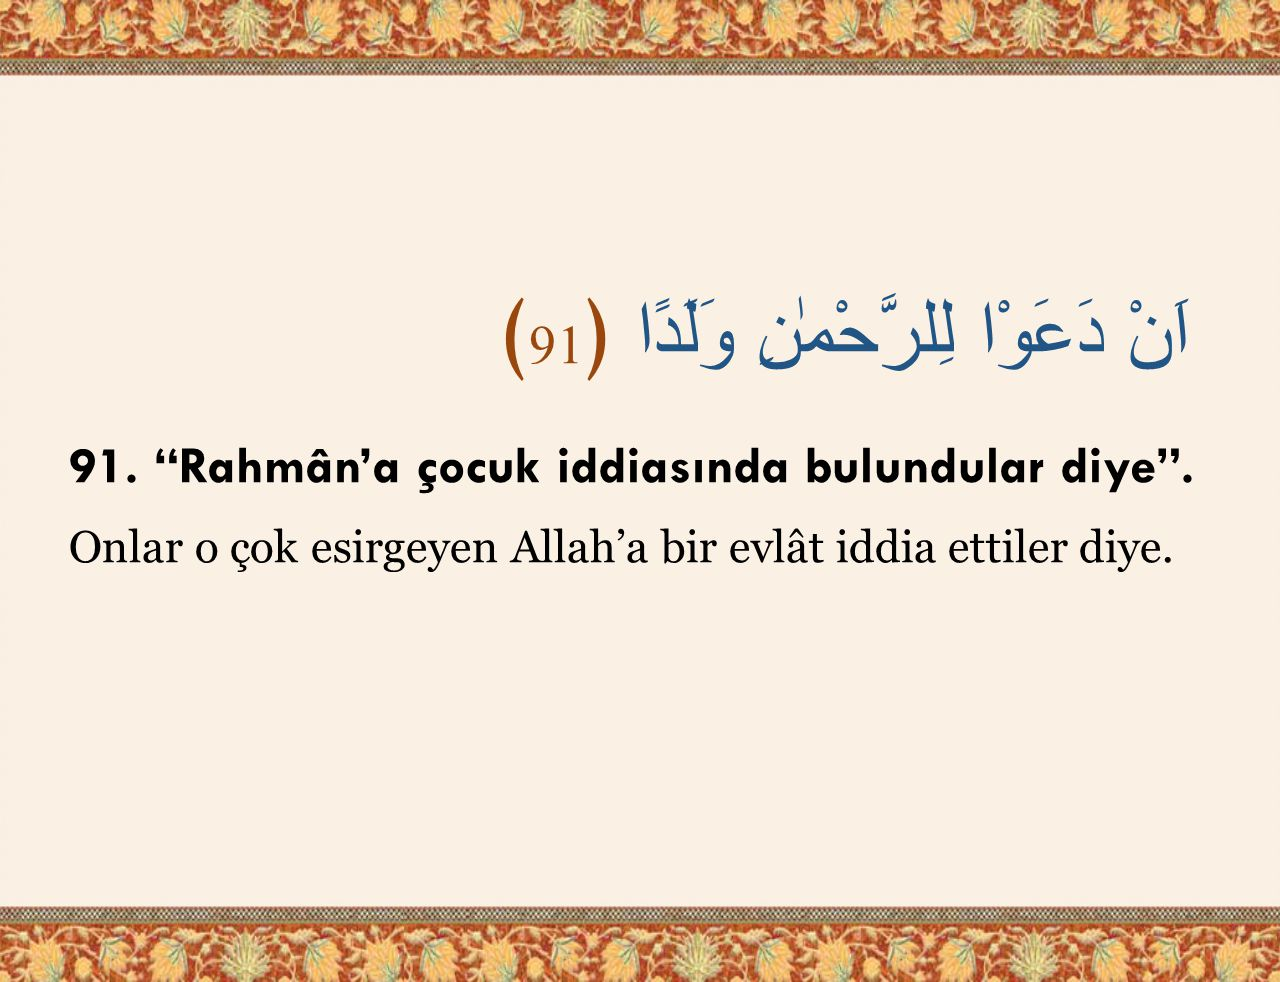 """اَنْ دَعَوْا لِلرَّحْمٰنِ وَلَدًا ﴿ 91 ﴾ 91. """"Rahmân'a çocuk iddiasında bulundular diye"""". Onlar o çok esirgeyen Allah'a bir evlât iddia ettiler diye."""